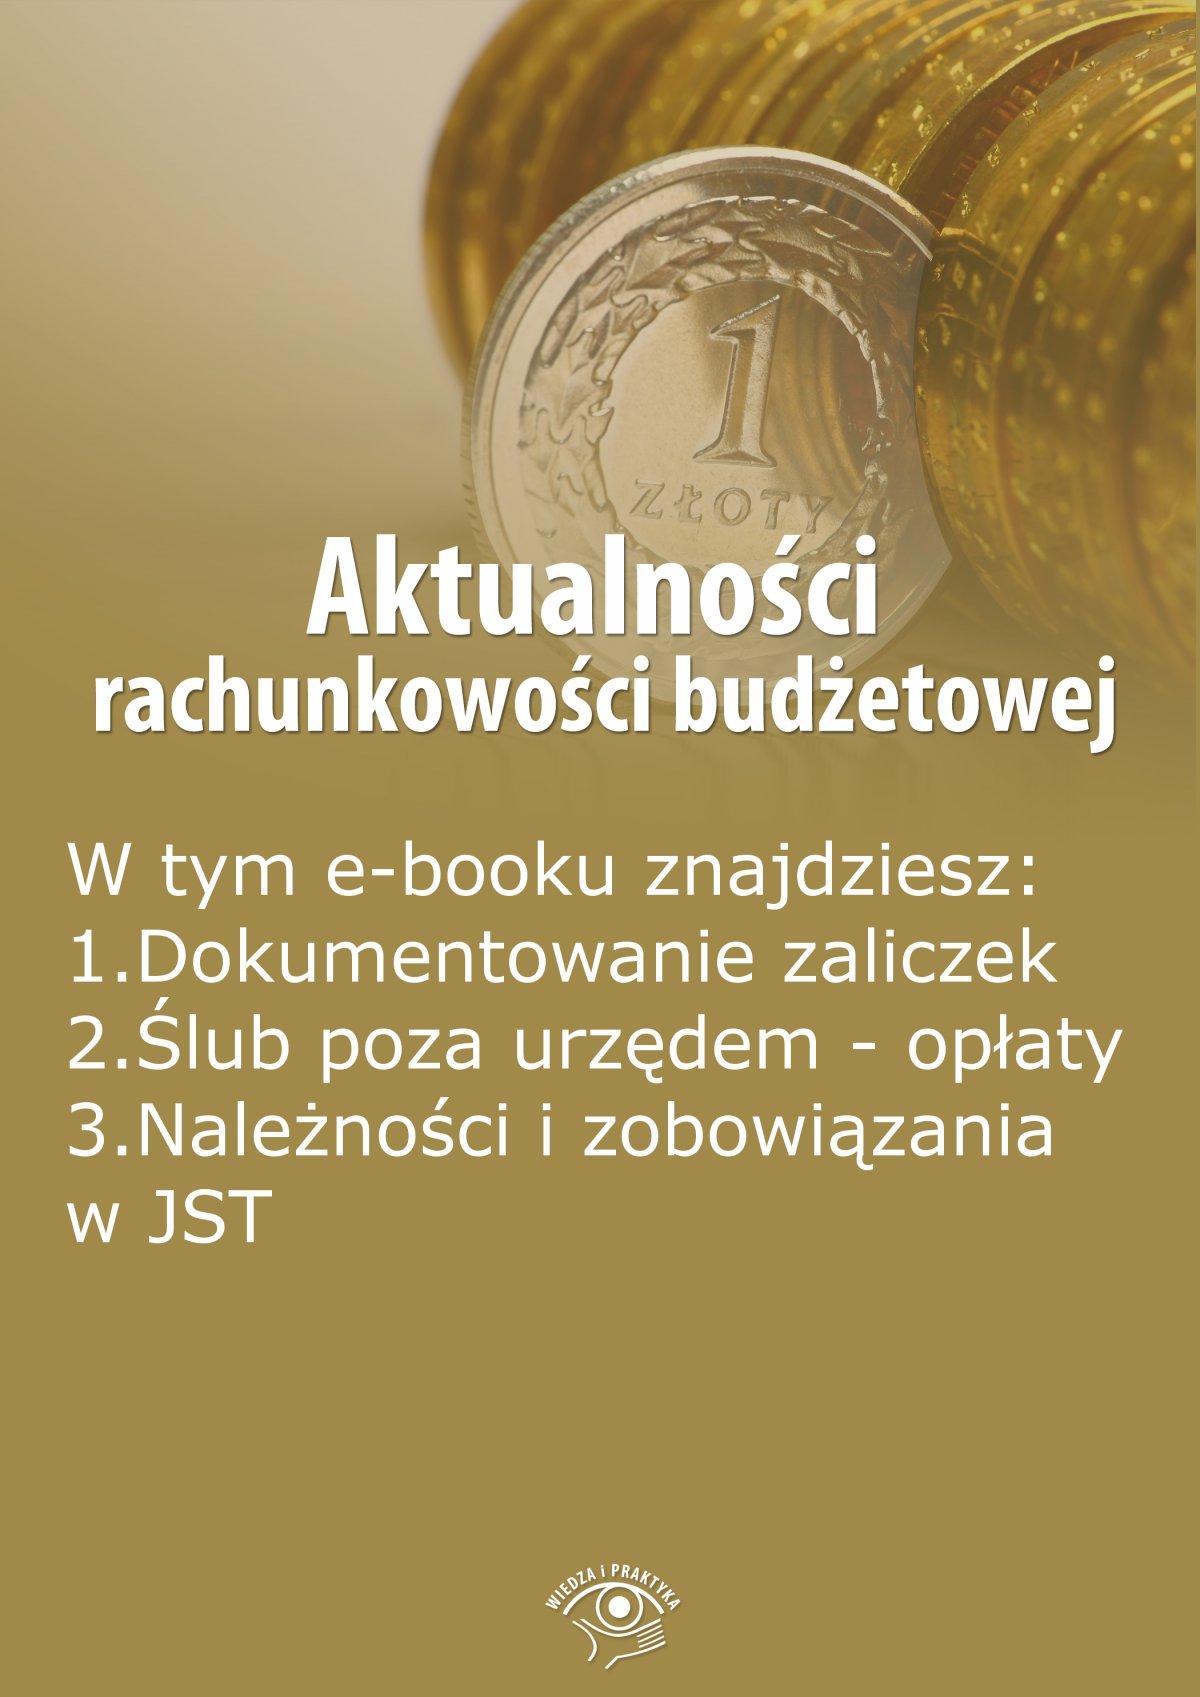 Aktualności rachunkowości budżetowej, wydanie czerwiec 2015 r. - Ebook (Książka EPUB) do pobrania w formacie EPUB